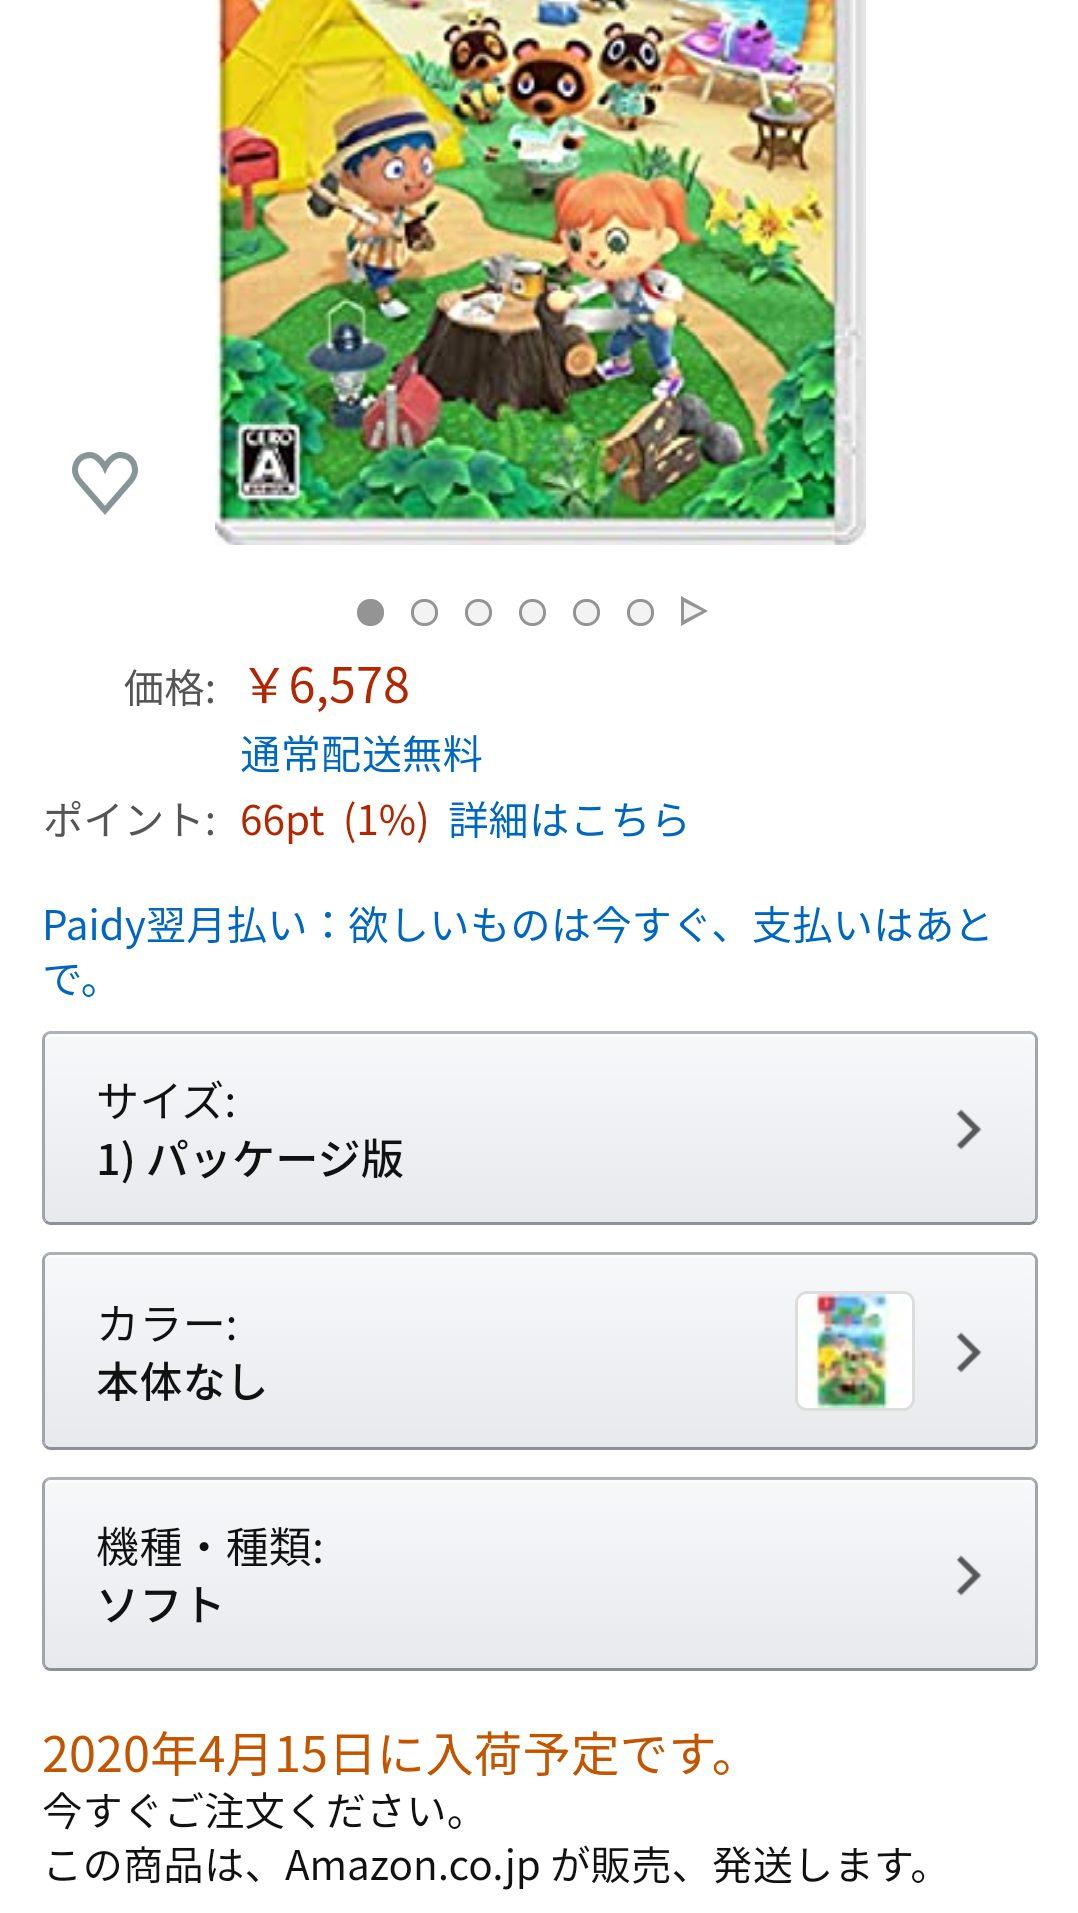 OUdU6VI - 【朗報】FF7リメイク、あつ森を抜いてアマゾンランキング1位!!!